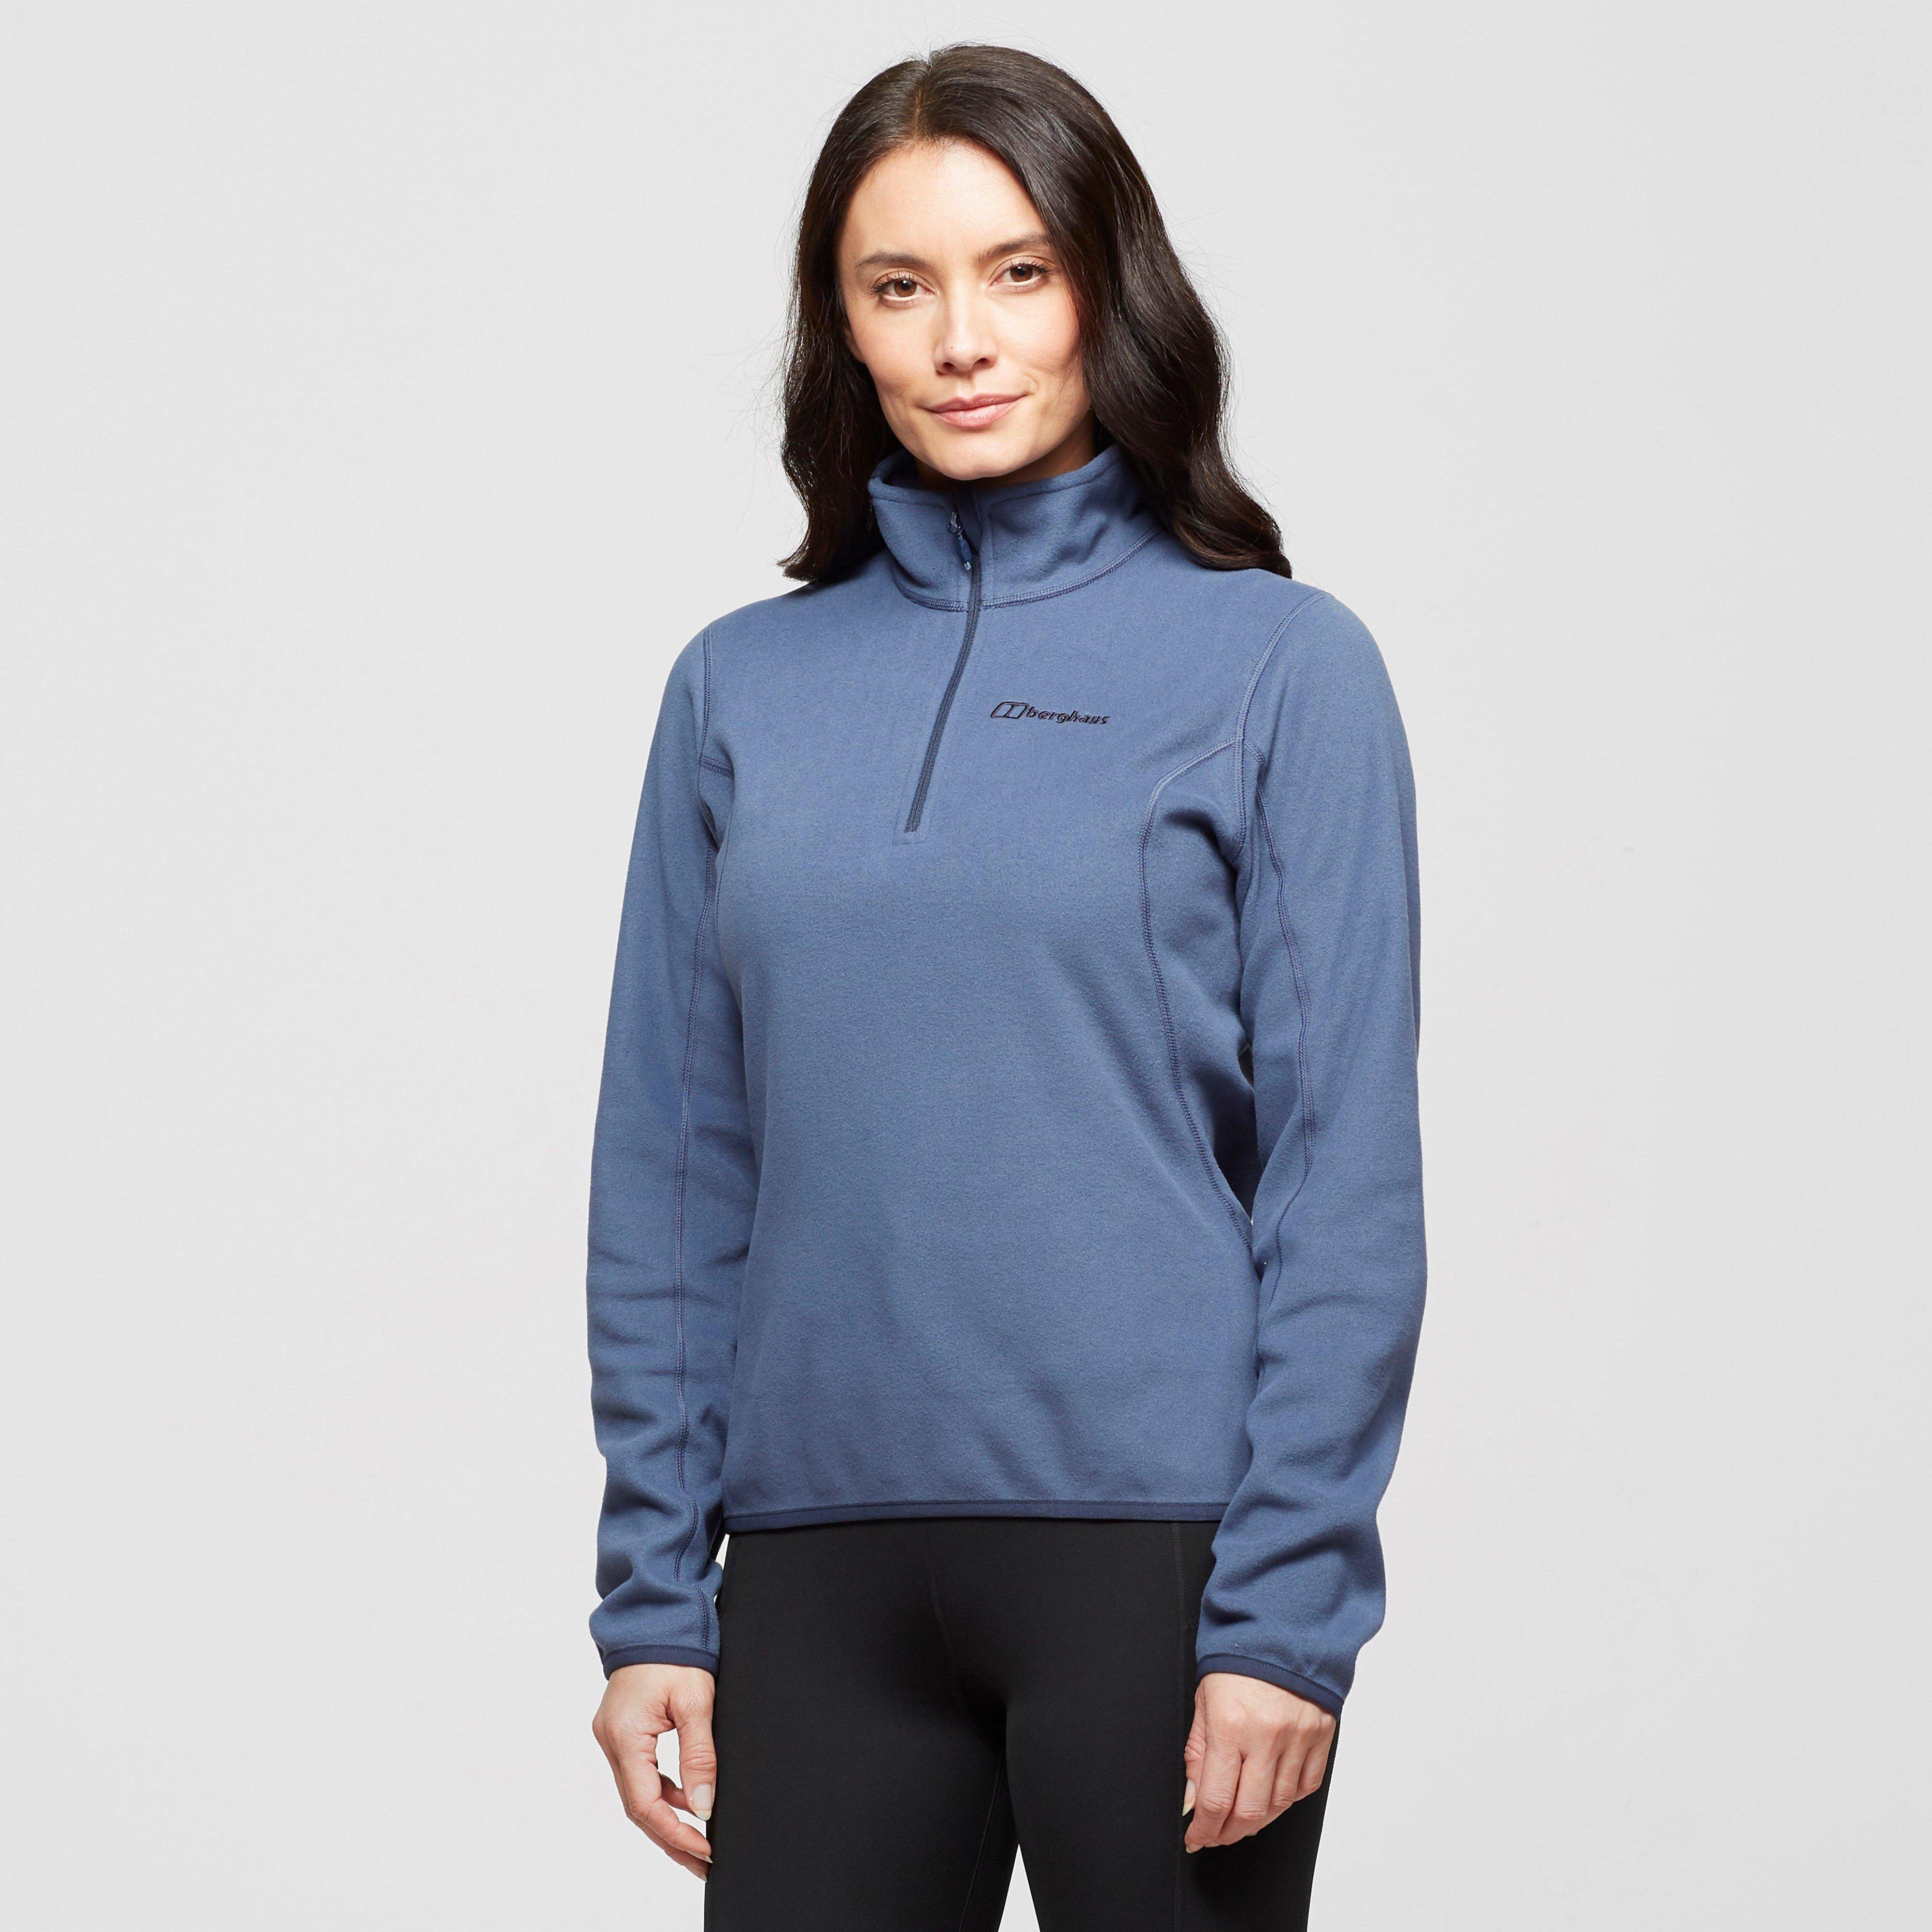 Berghaus Womens Hendra Half-zip Fleece - Blue/pur$  Blue/pur$